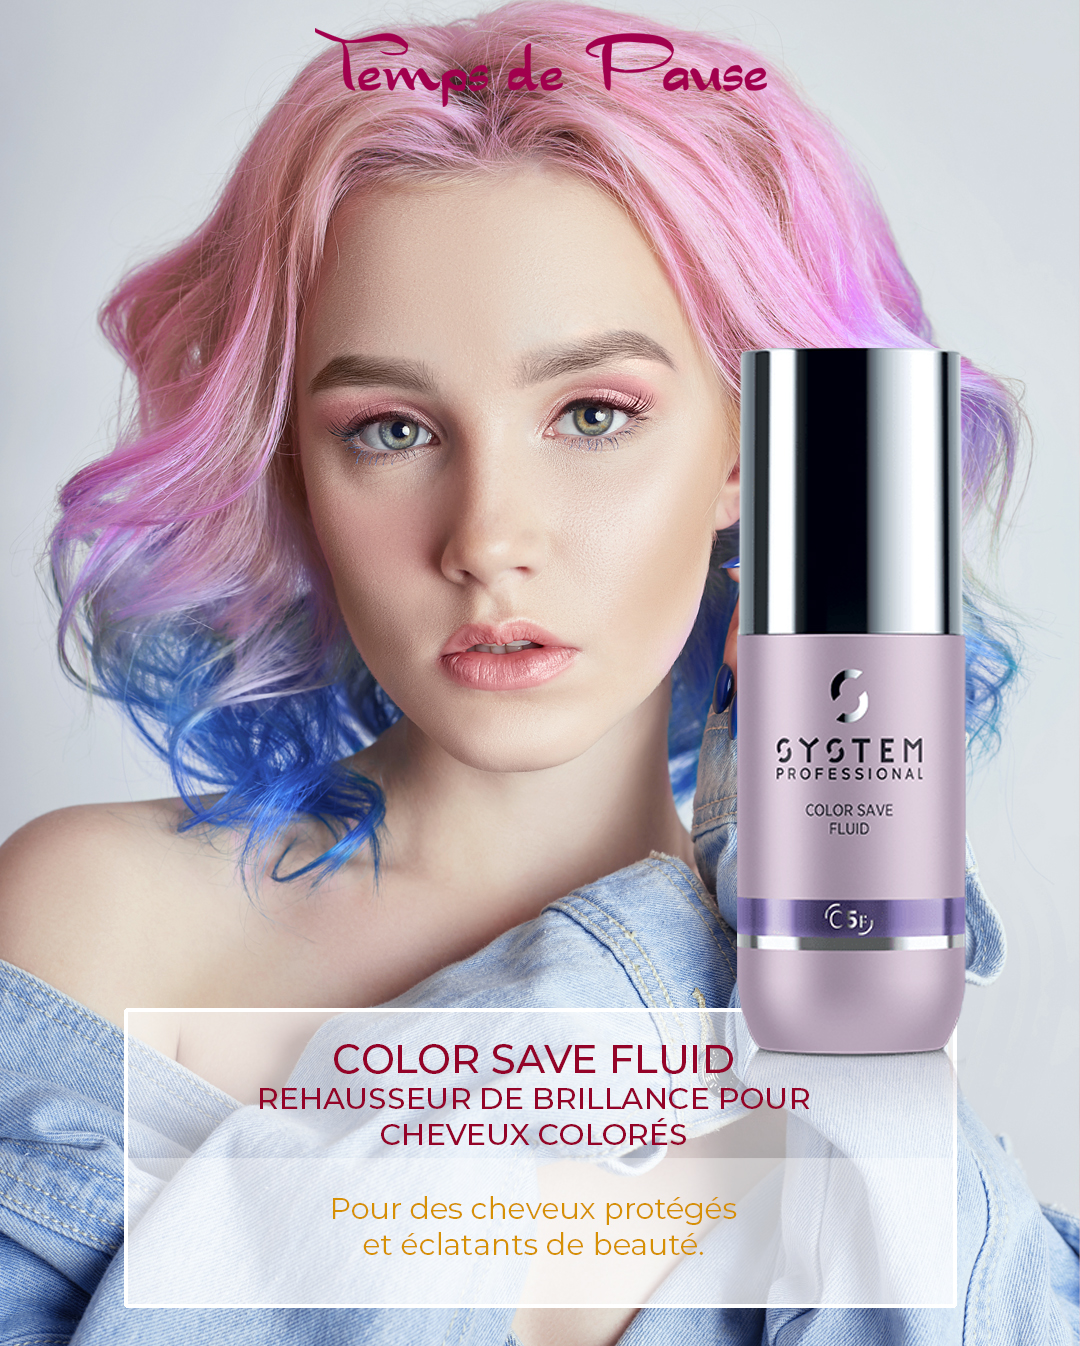 FLUID COLOR SAVE - Rehausseur de brillance pour cheveux colorés